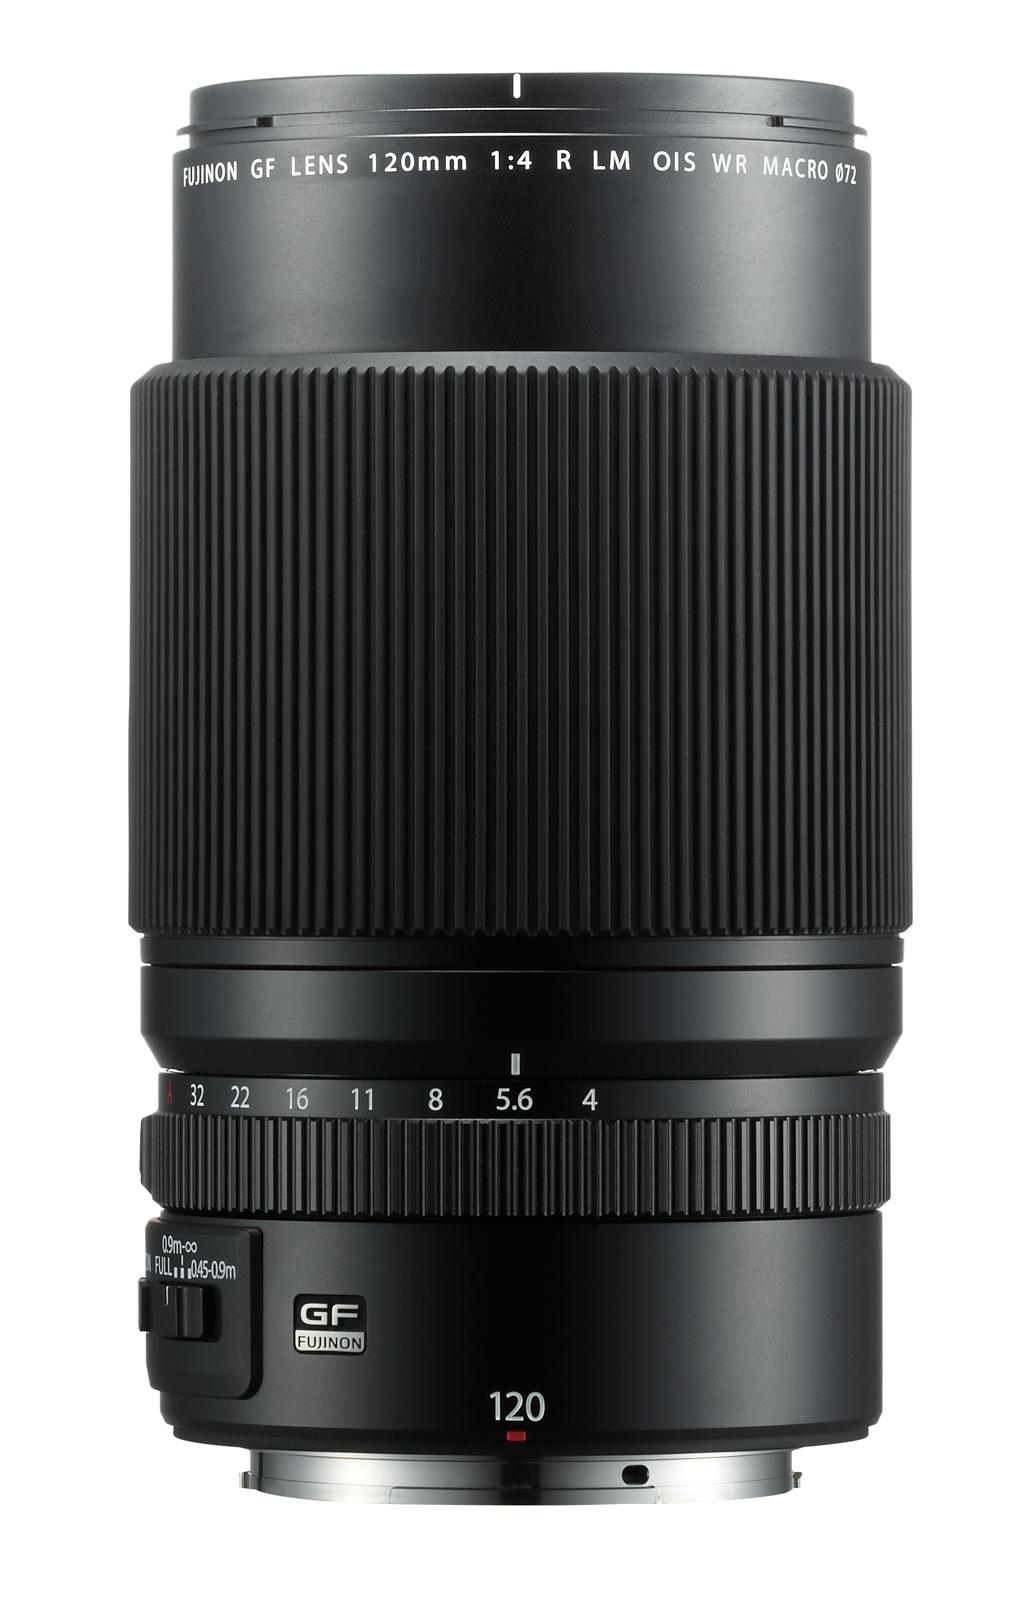 Fujifilm Fujinon GF 120mm f/4 R LM OIS WR